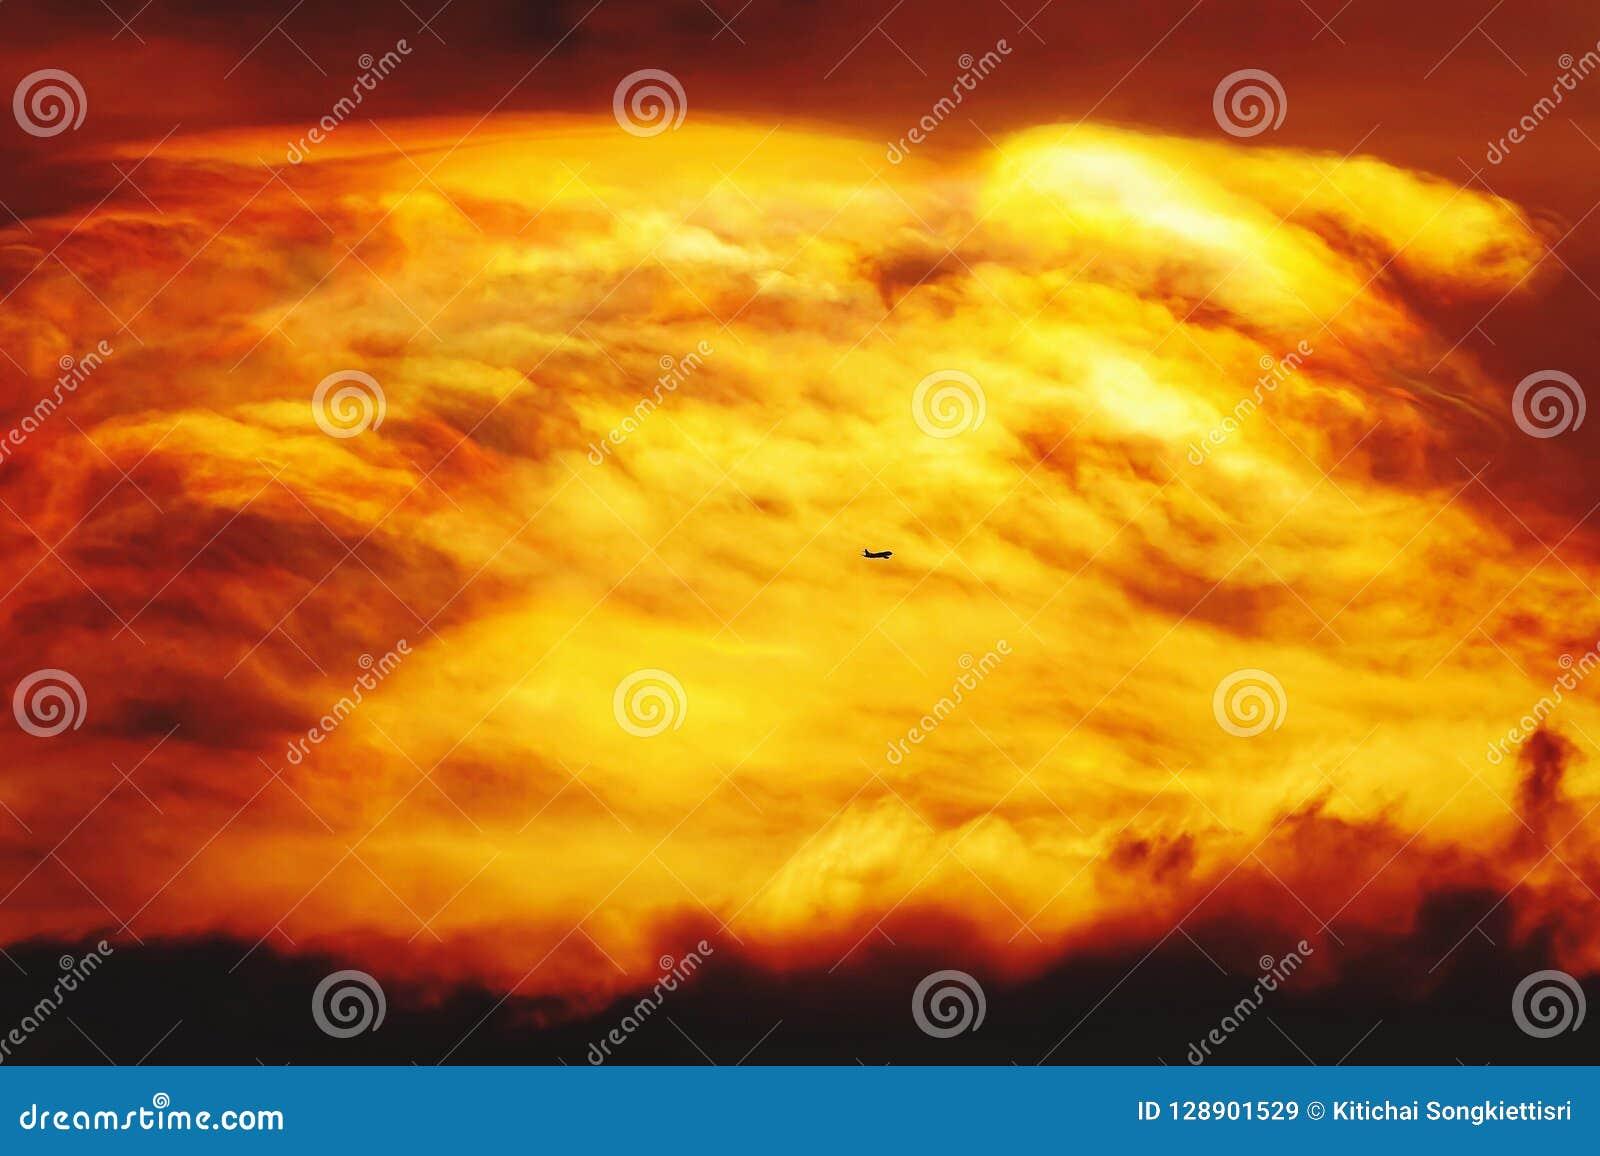 Zmierzchu Mroczny pomarańczowy niebo widzii piękną purpurową naturę płaski tło